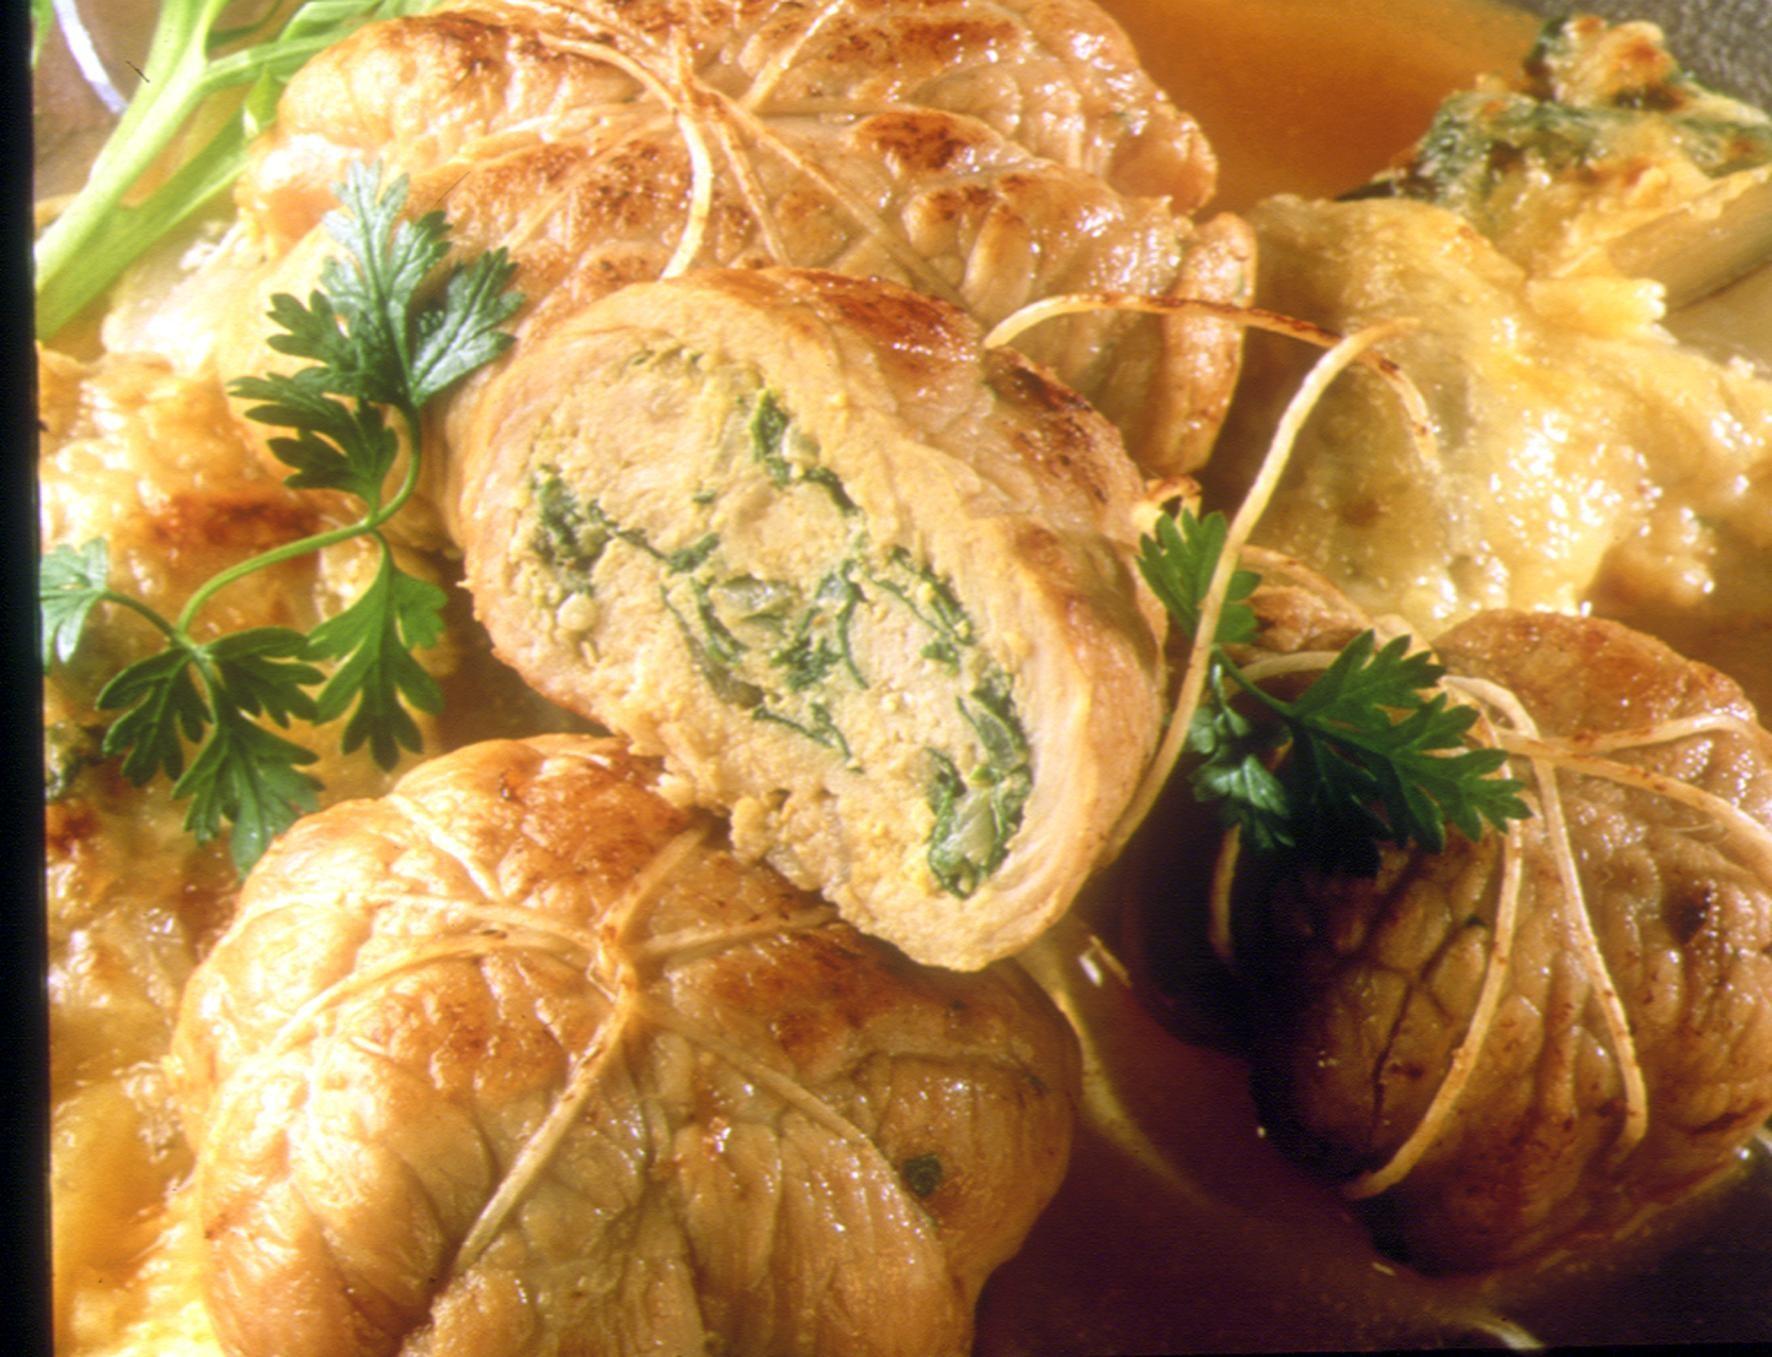 Paupiettes farcies au vert recettes de cuisine la - Cuisiner paupiettes de veau ...